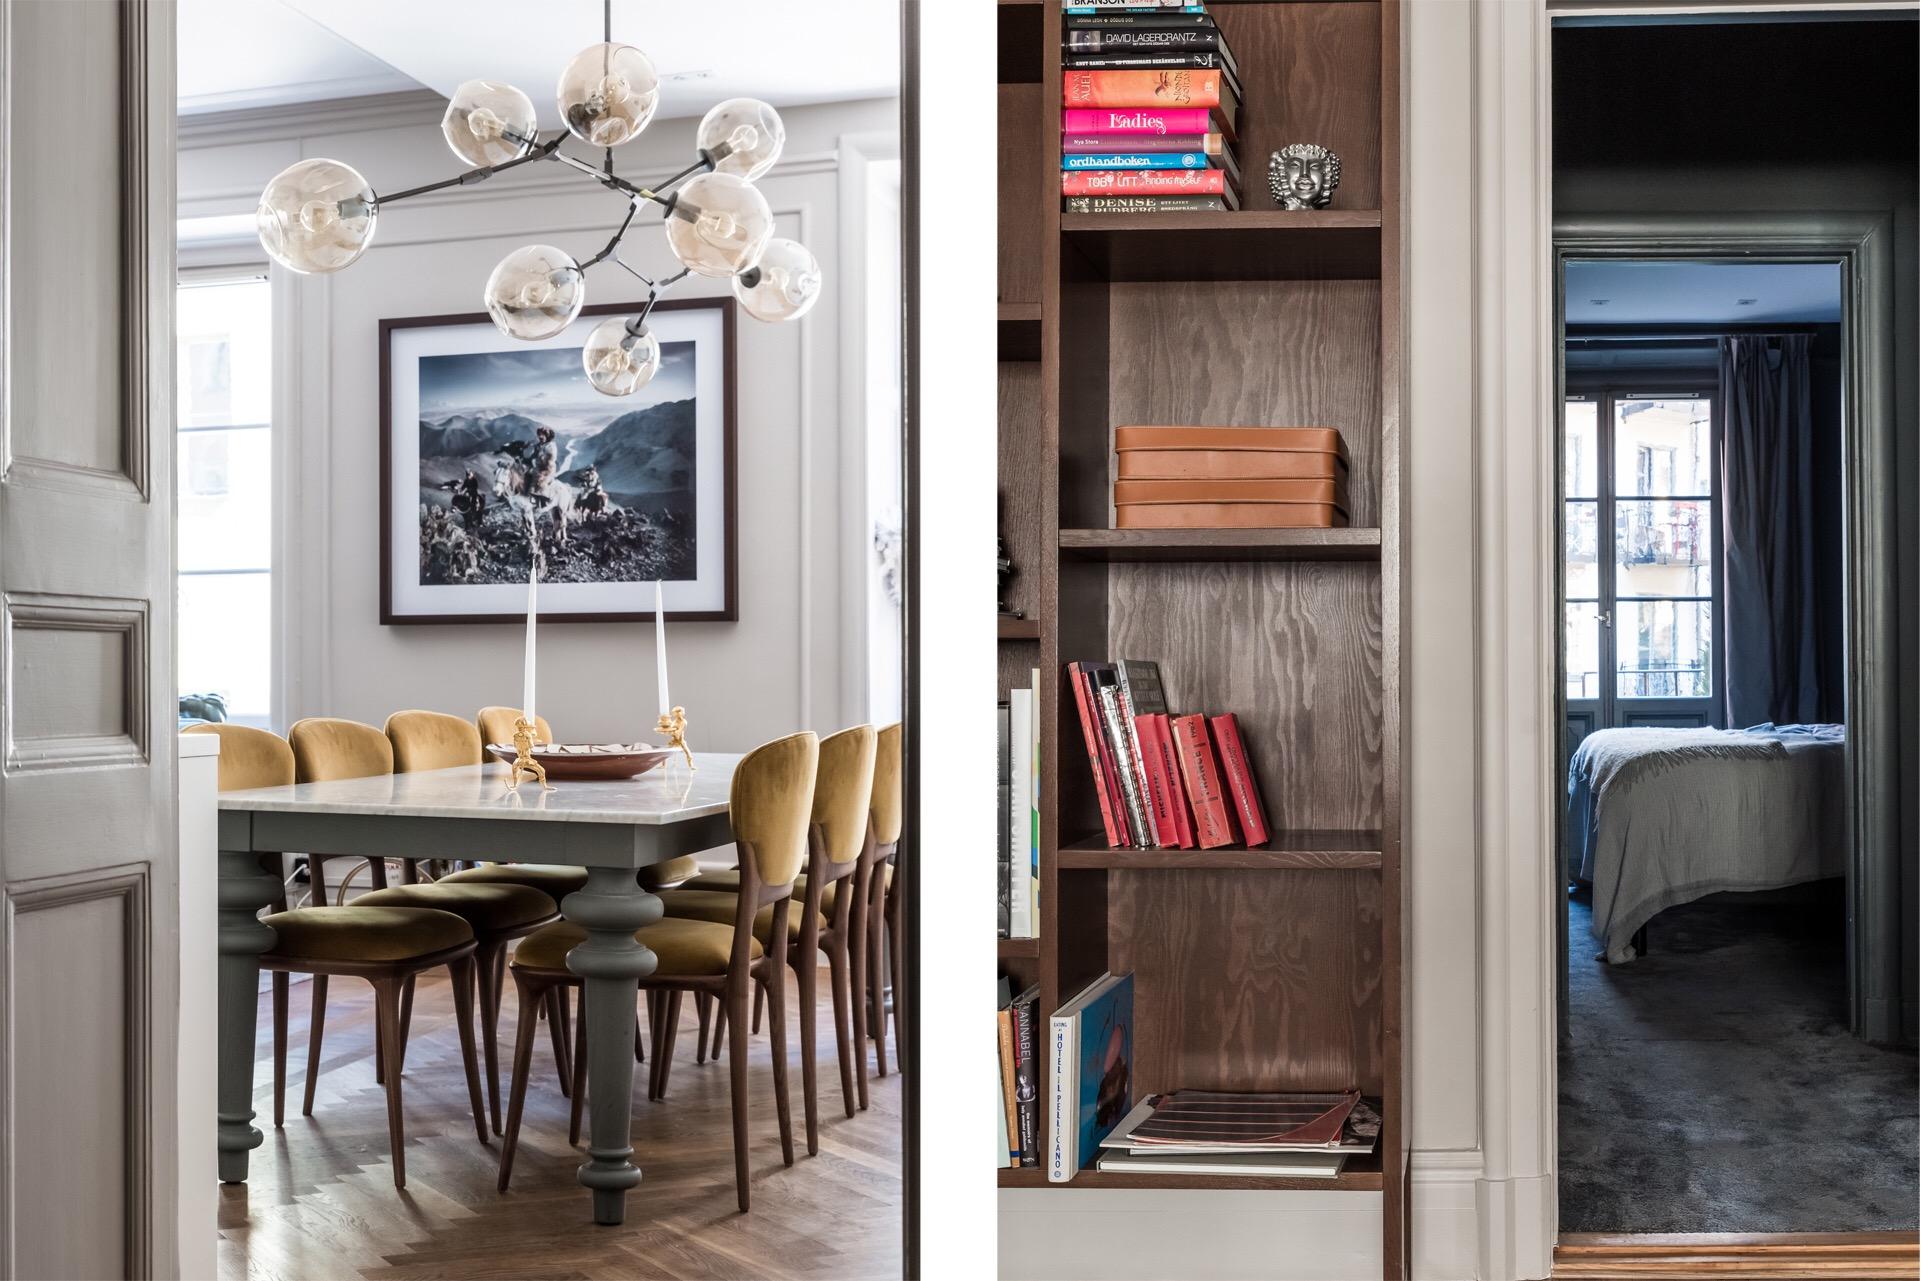 столовая обеденный стол стулья лампа bubble книжный шкаф наличники